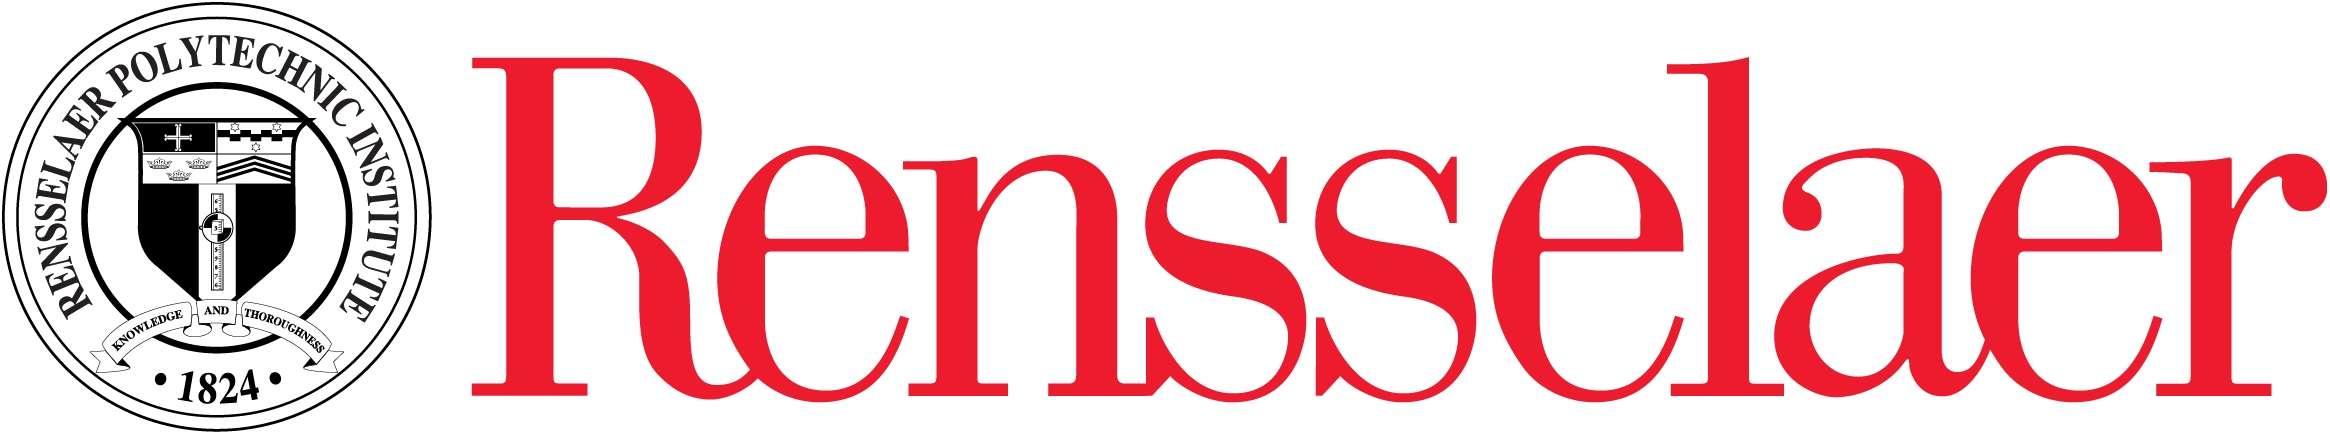 RPI-Logo-Rensselaer-Polytechnic-Institute